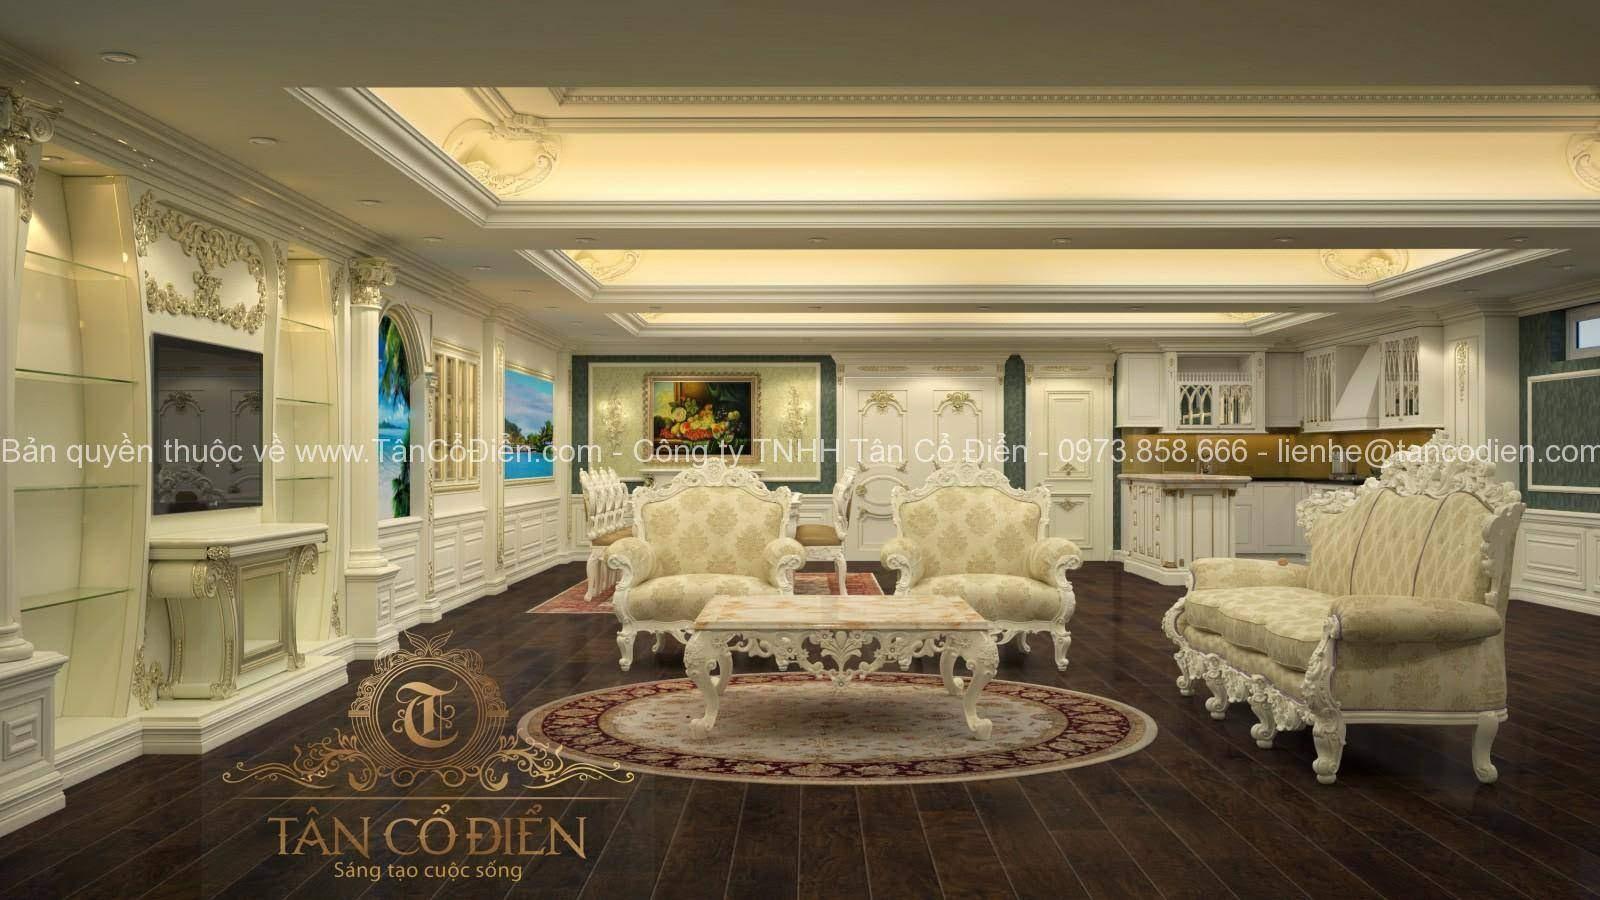 Phòng khách mang phong cách tân cổ điển sang trọng và đẹp